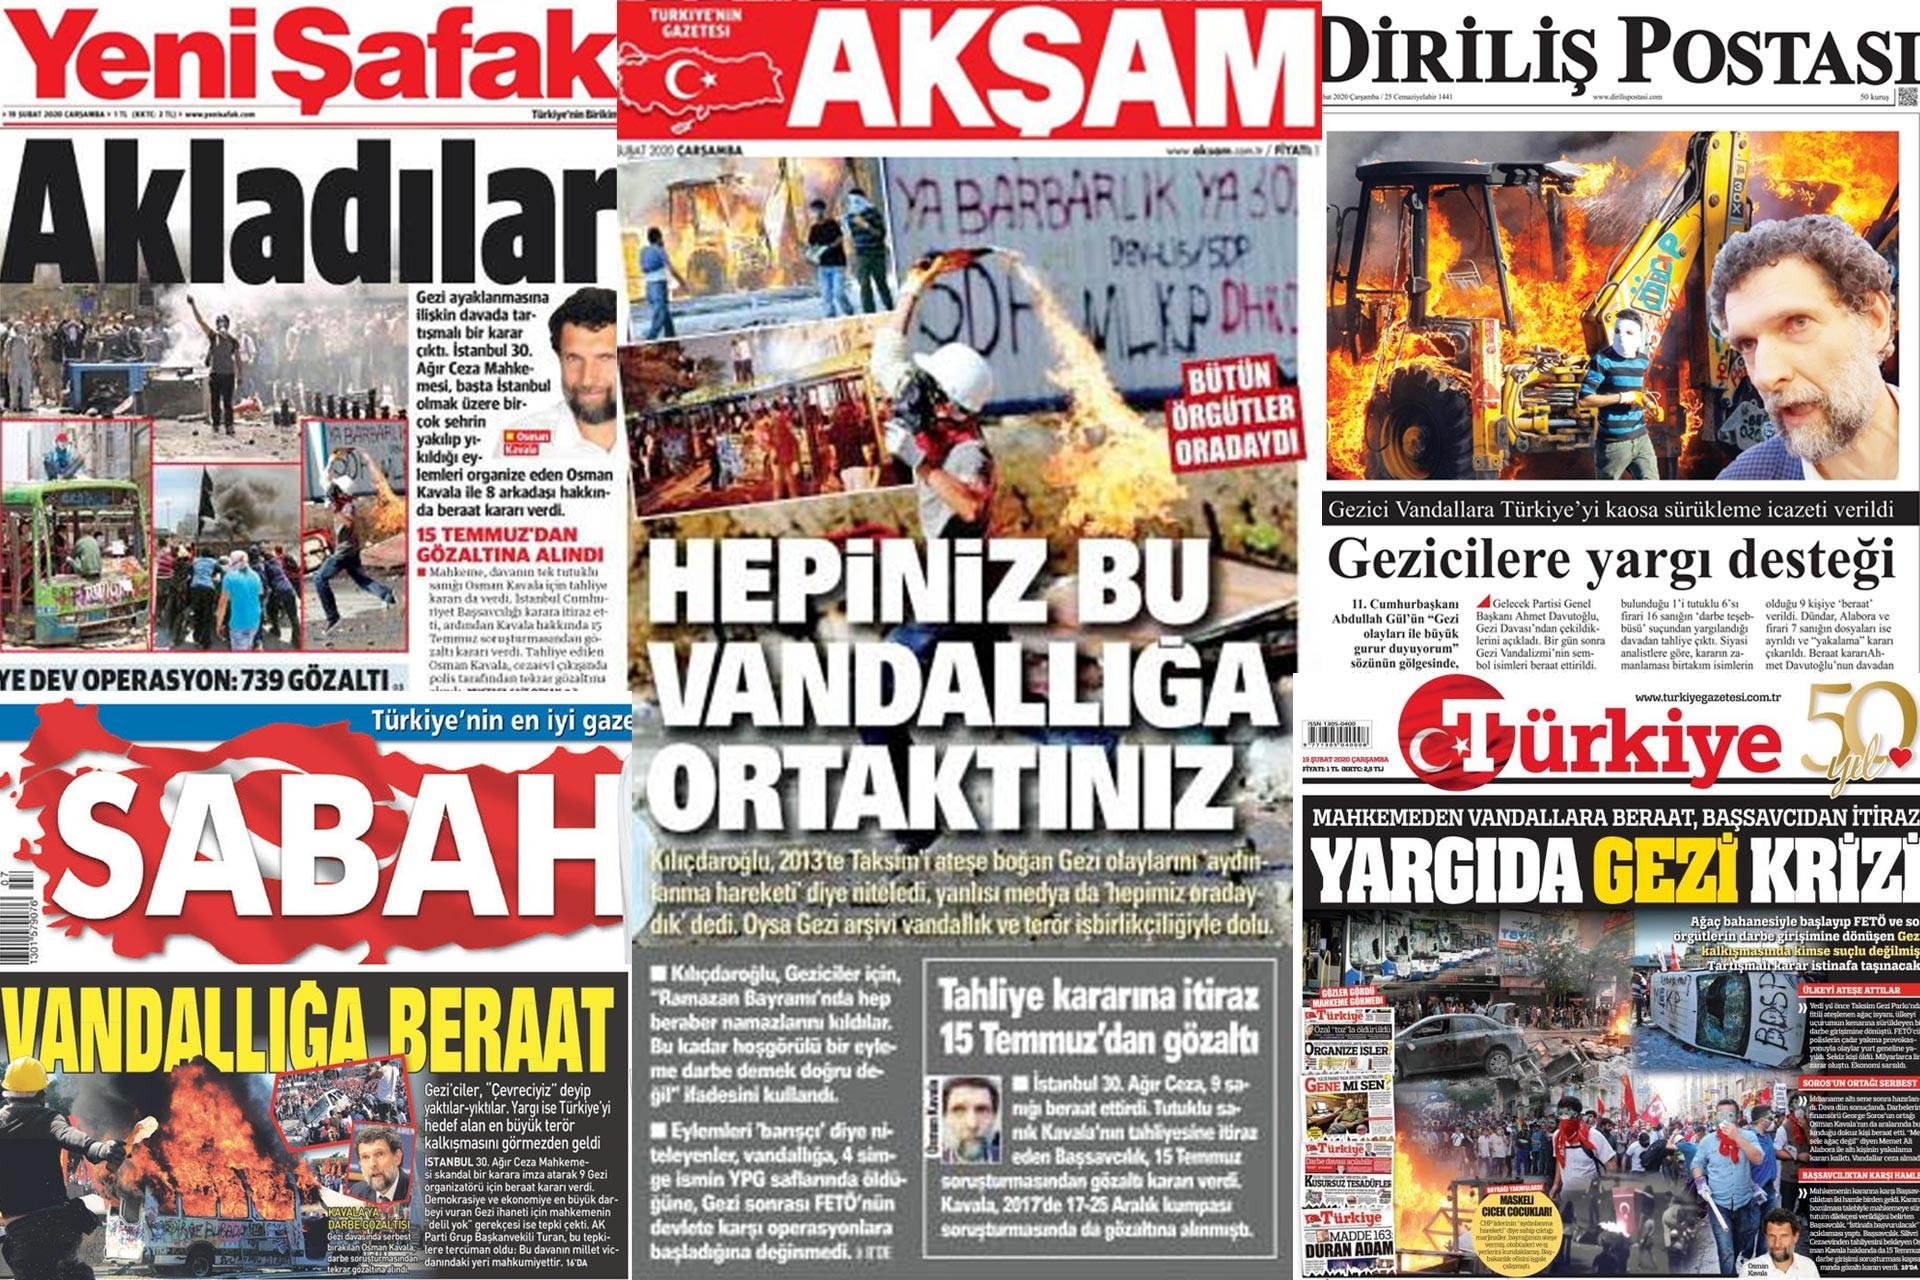 Yeni Şafak, Akşam, Diriliş Postası, Sabah ve Türkyie gazetelerinin 19 Şubat 2020 tarihli birinci sayfaları.